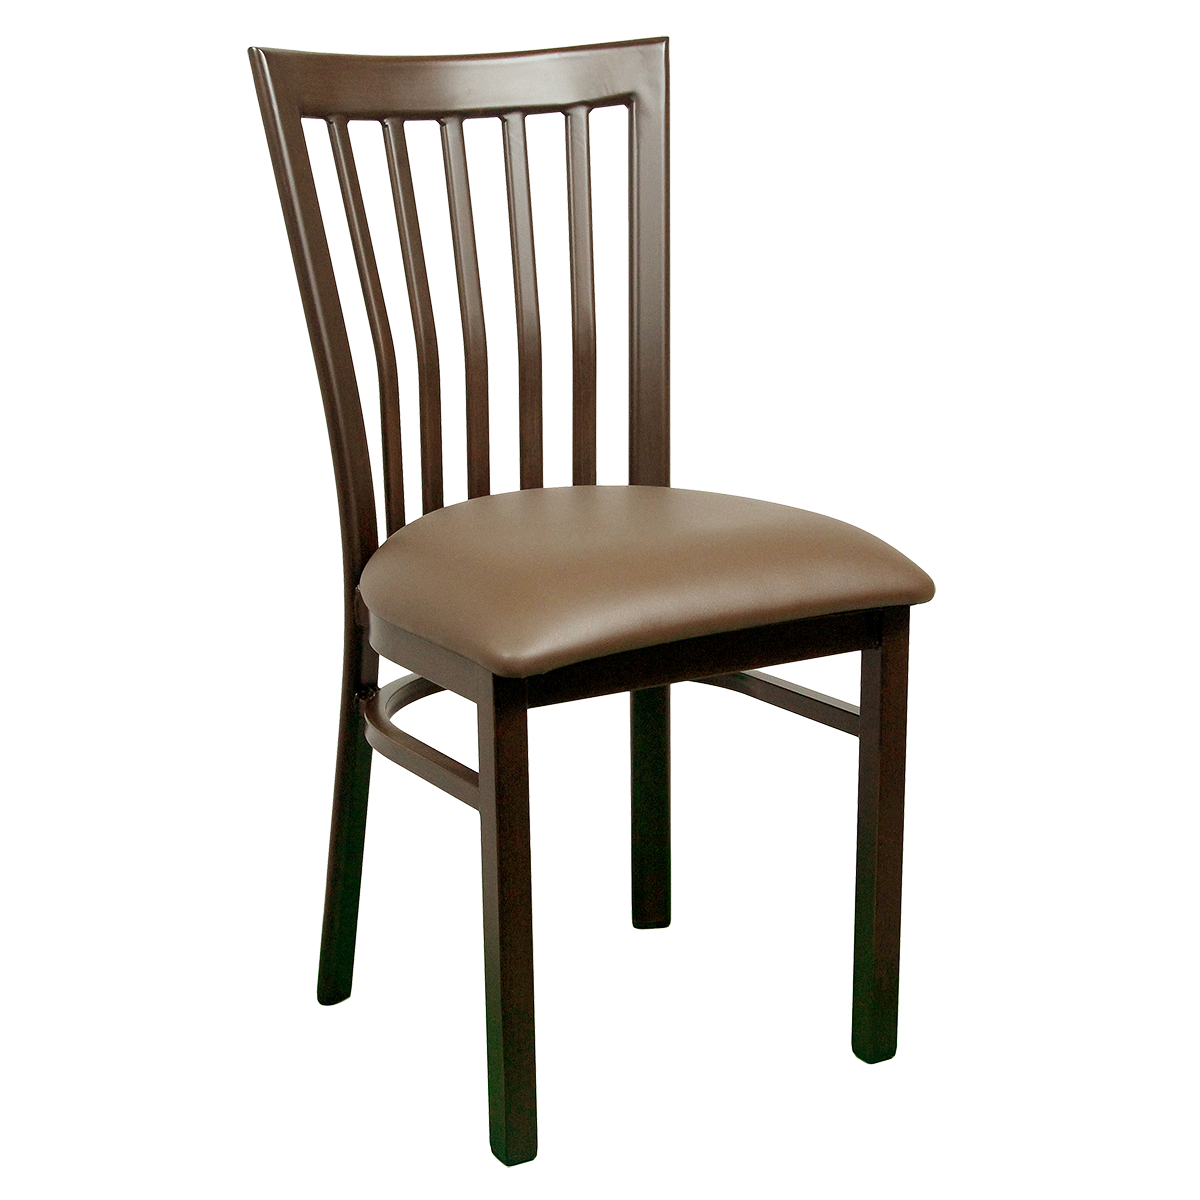 Wood-Look Metal Slat Back Chair